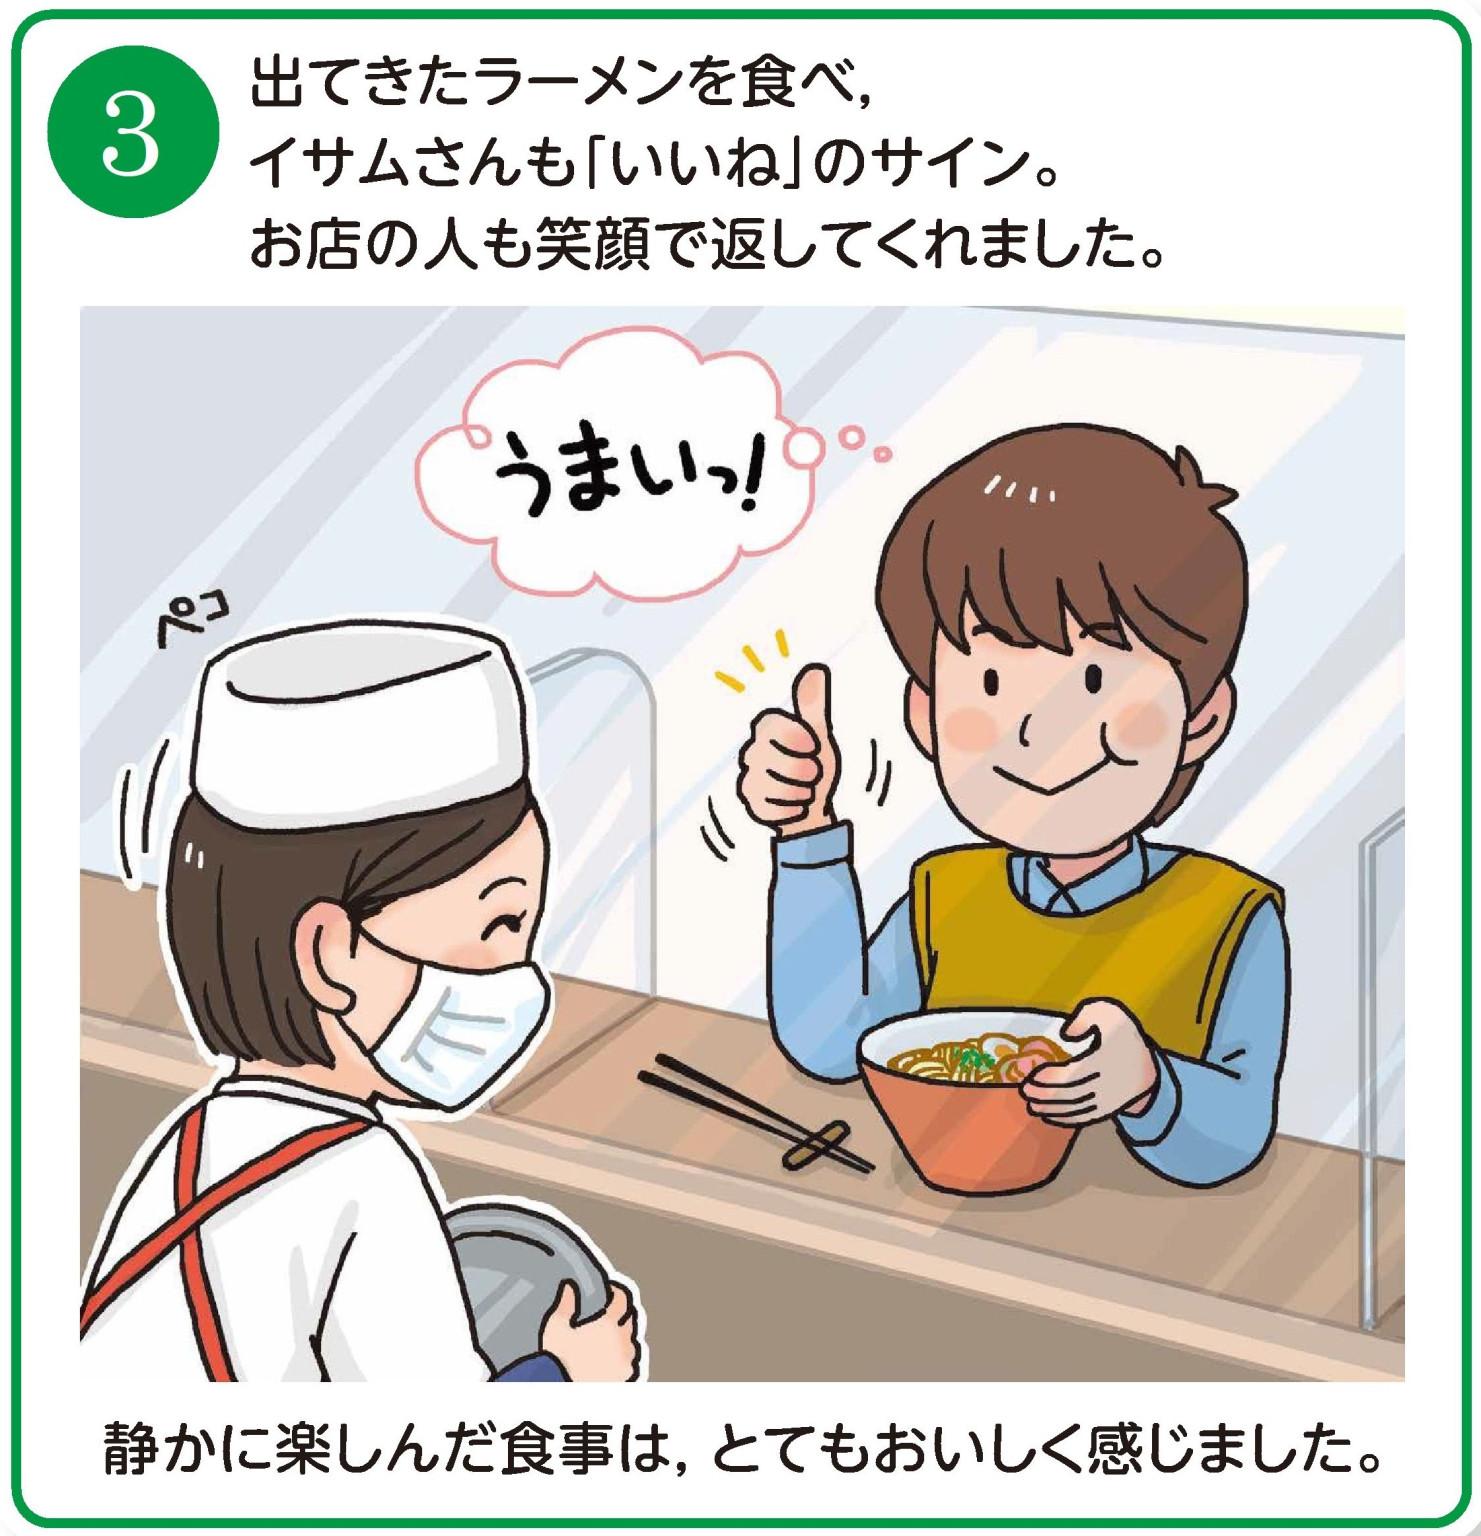 Kyoto-silent-eating-mokushoku-manga-comic-3.jpg